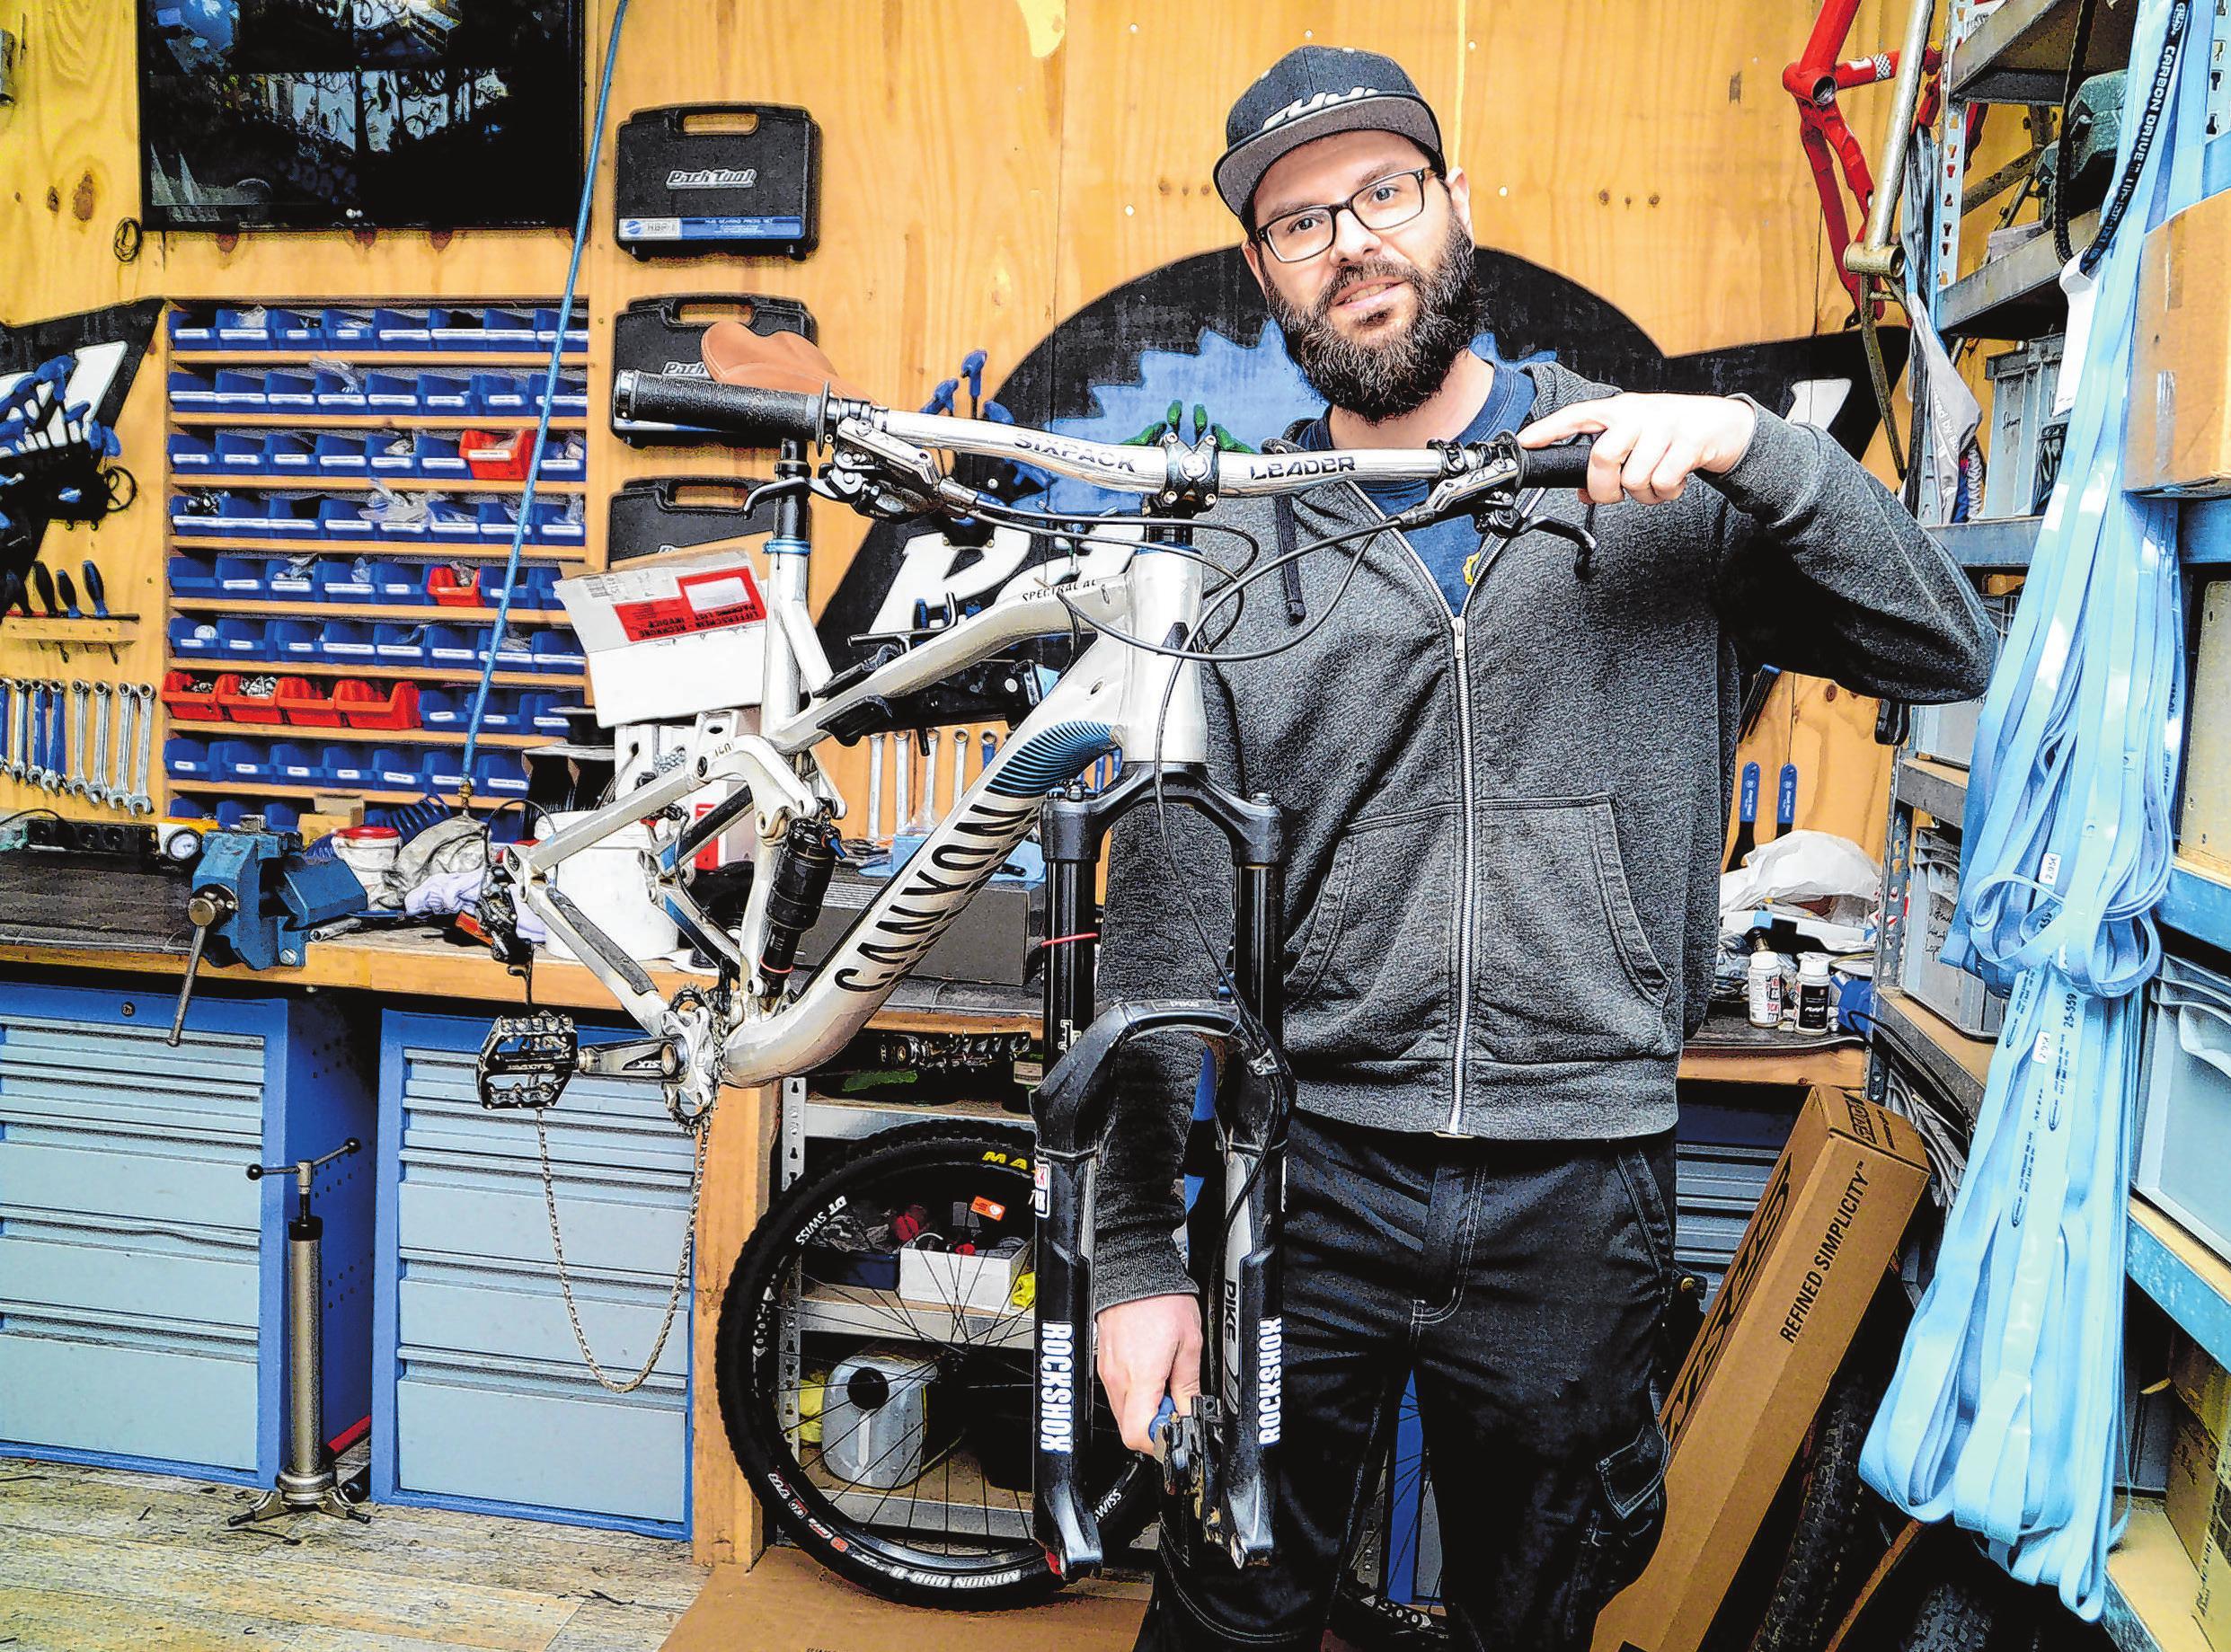 """Blick in die Werkstatt: Bei """"bikes4ever"""" in Fürstenwalde findet jeder sein Traum-Rad durch individuelle Beratung. Bleiben Sie fit durch Bewegung!"""